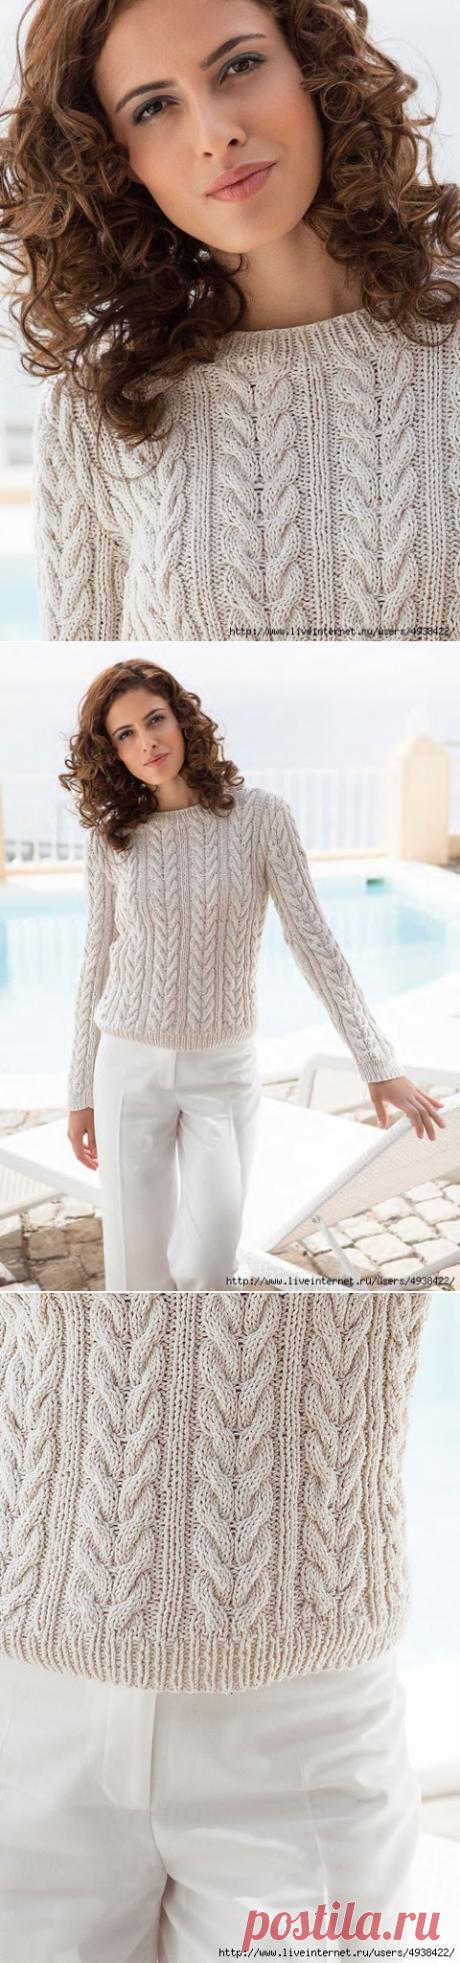 Женский пуловер в резинку с косами.